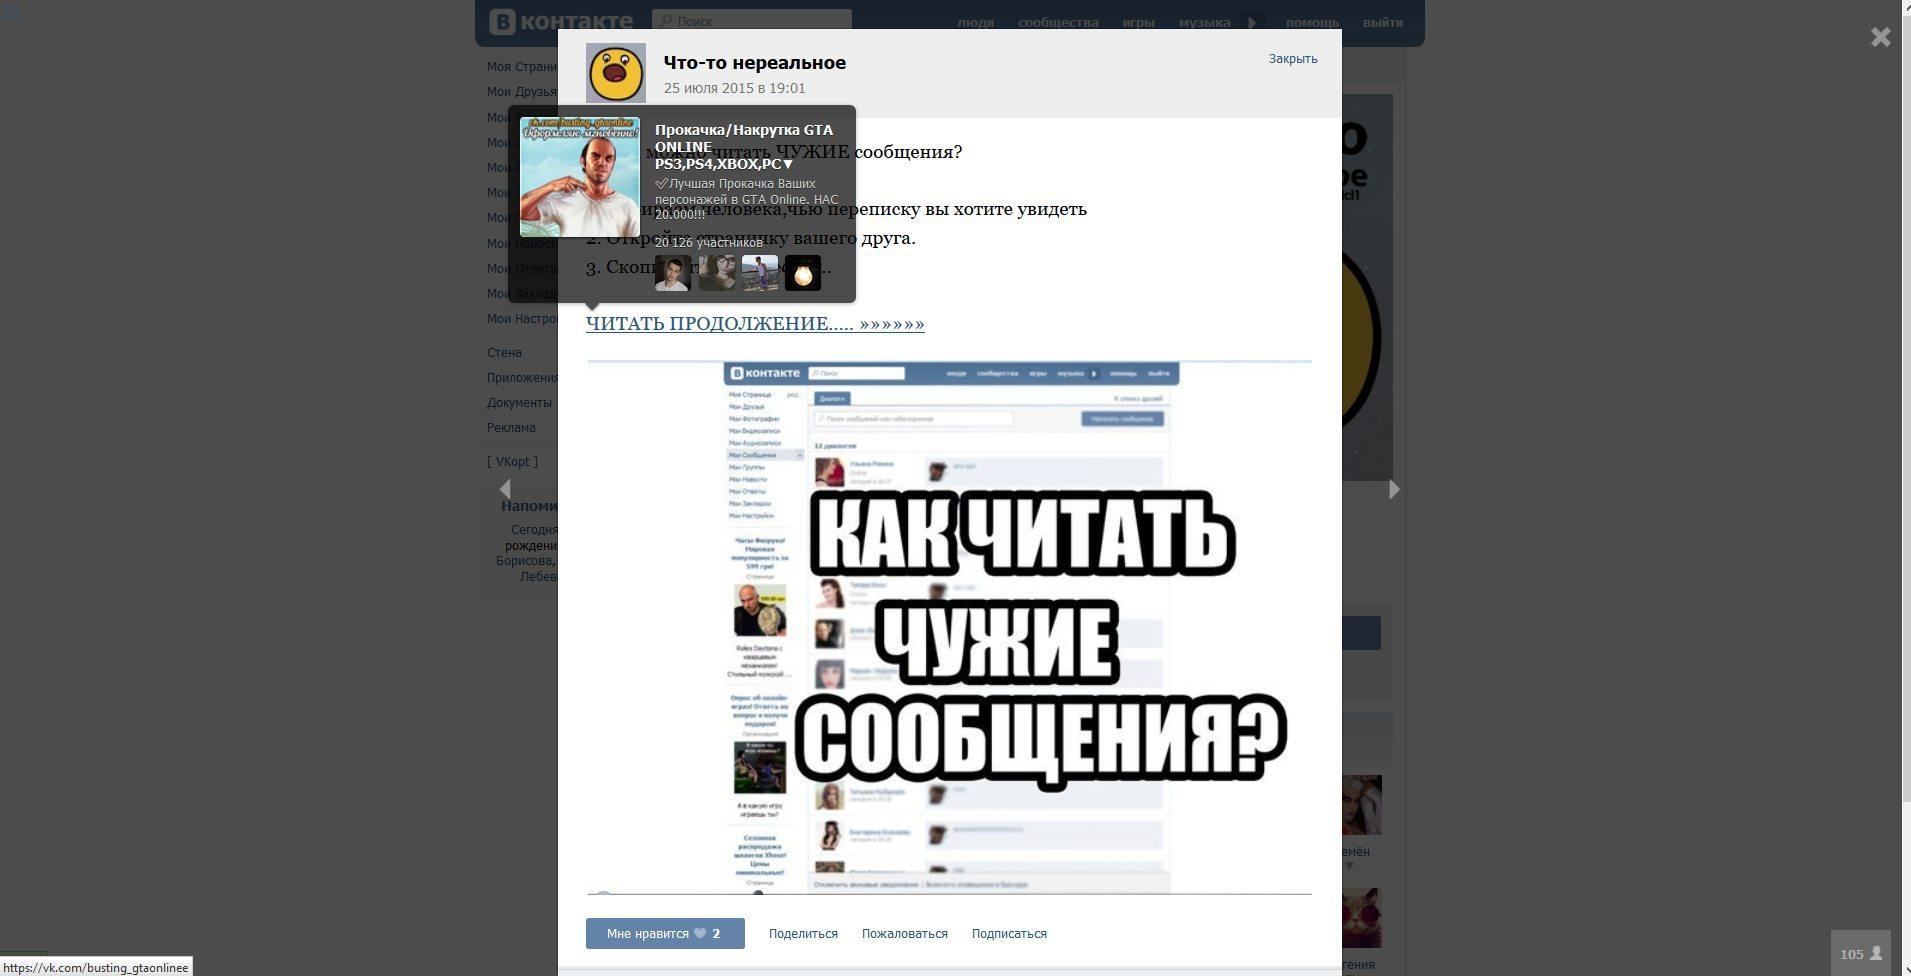 Как техподдержка Вконтакте сообщества крышует - 10